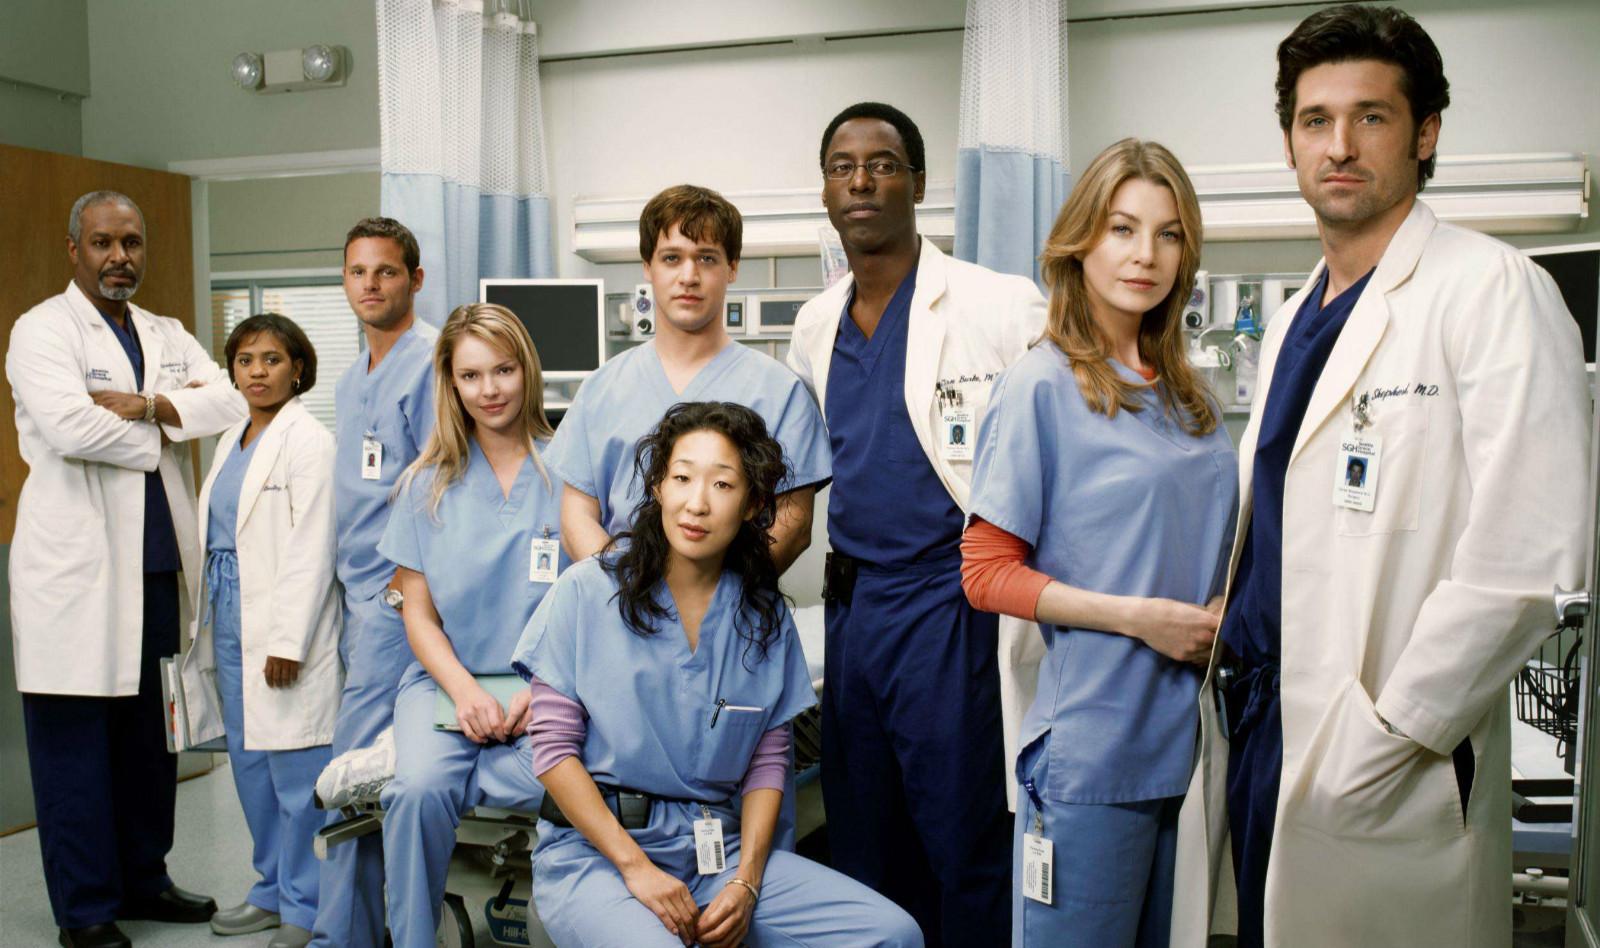 """电视剧能否影响就医习惯?英国BBC的两部电视剧让医院""""瘫痪"""""""